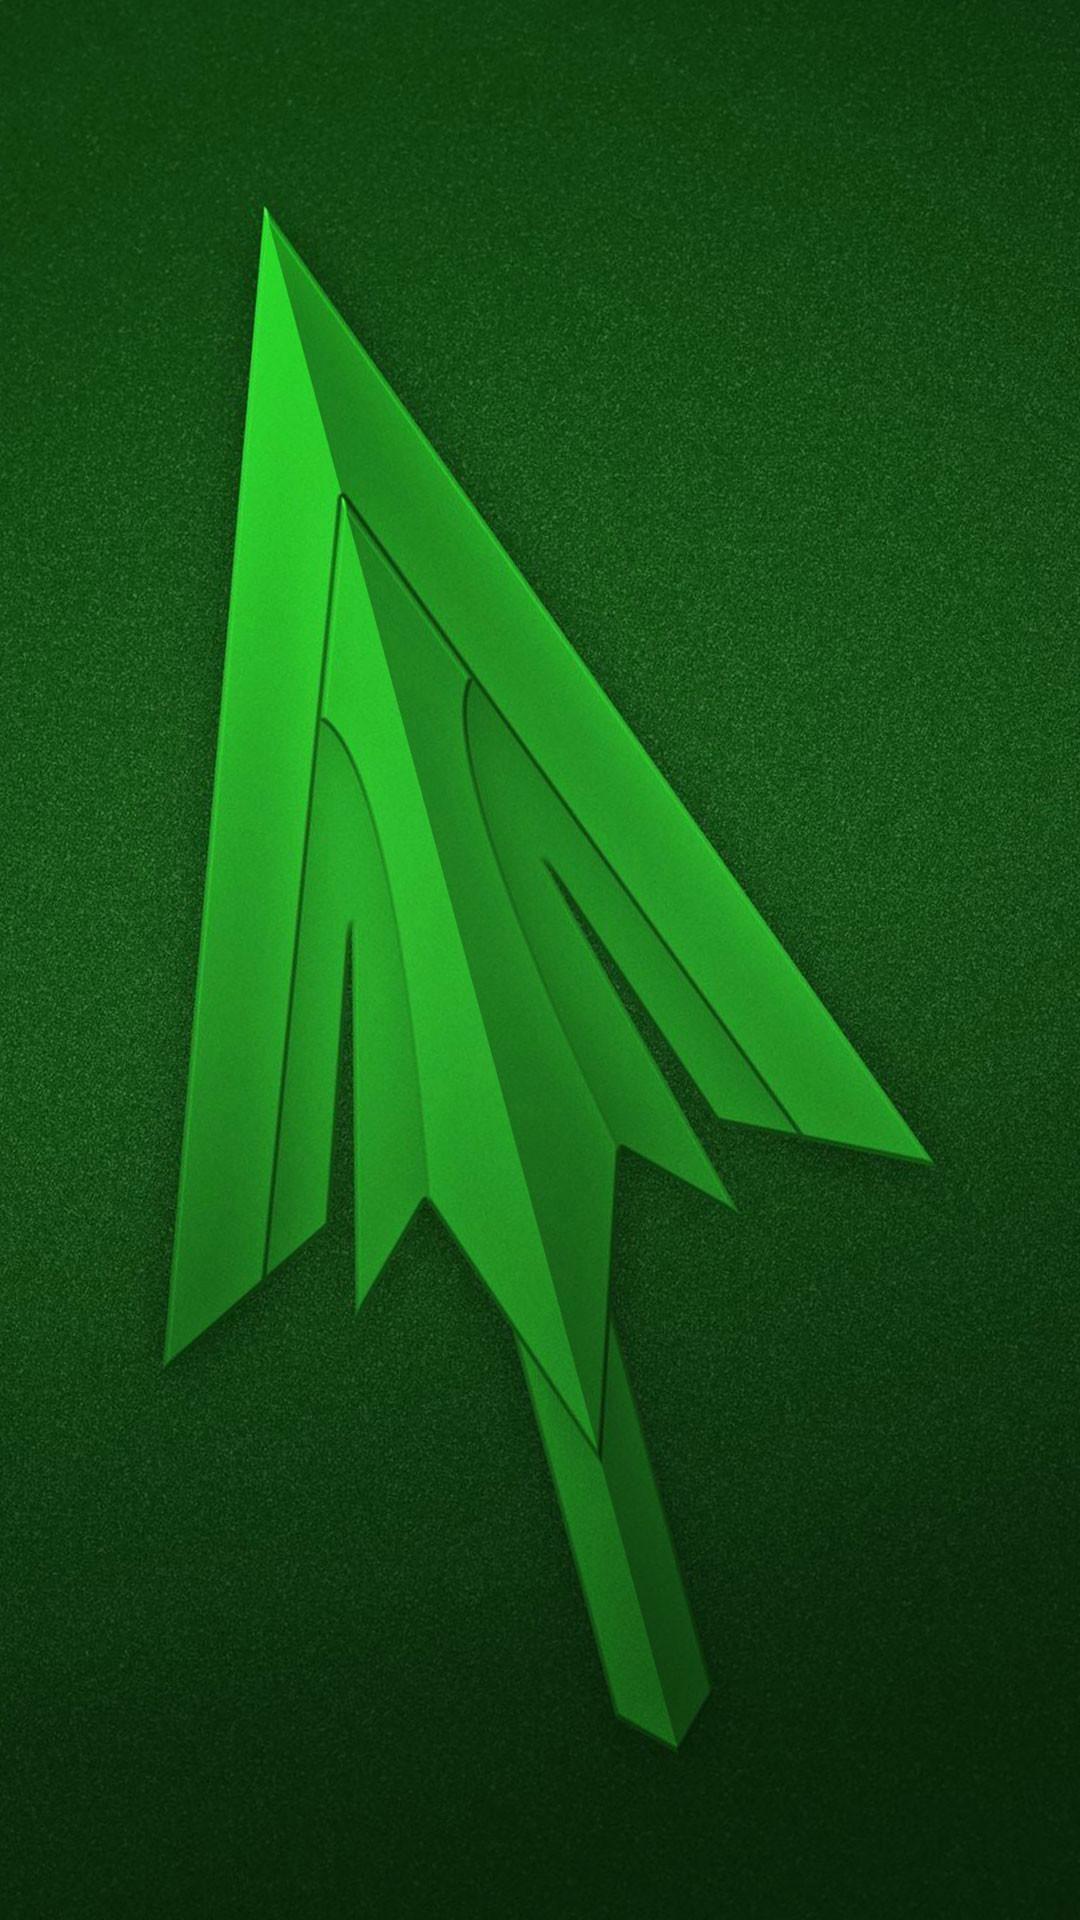 wallpaper.wiki-Green-Arrow-Full-HD-Wallpaper-for-